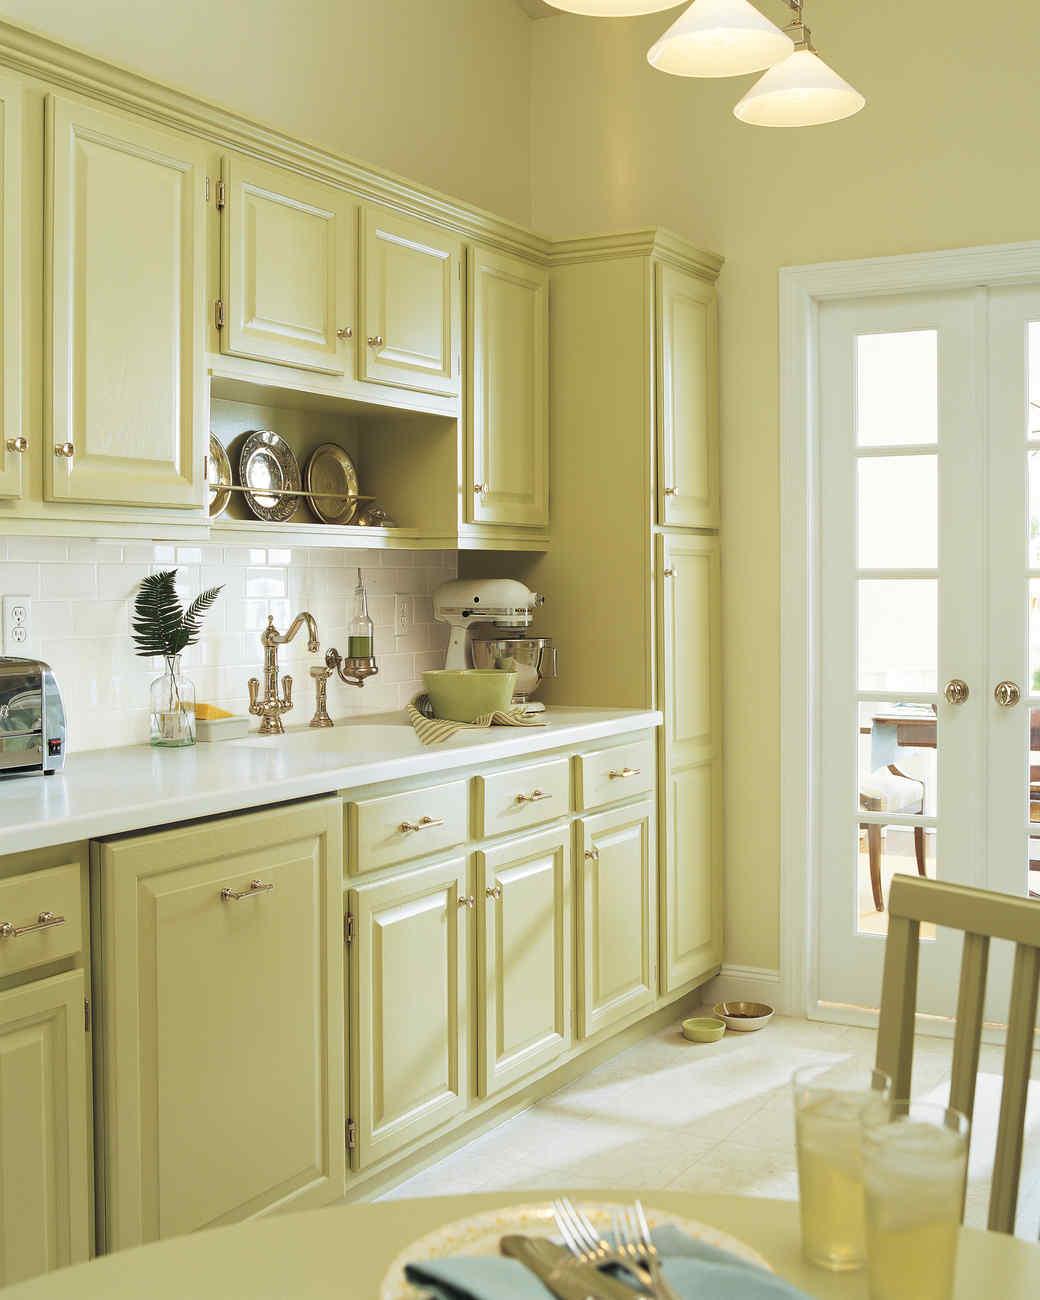 kitchen-transformed-03-d100607-0815.jpg